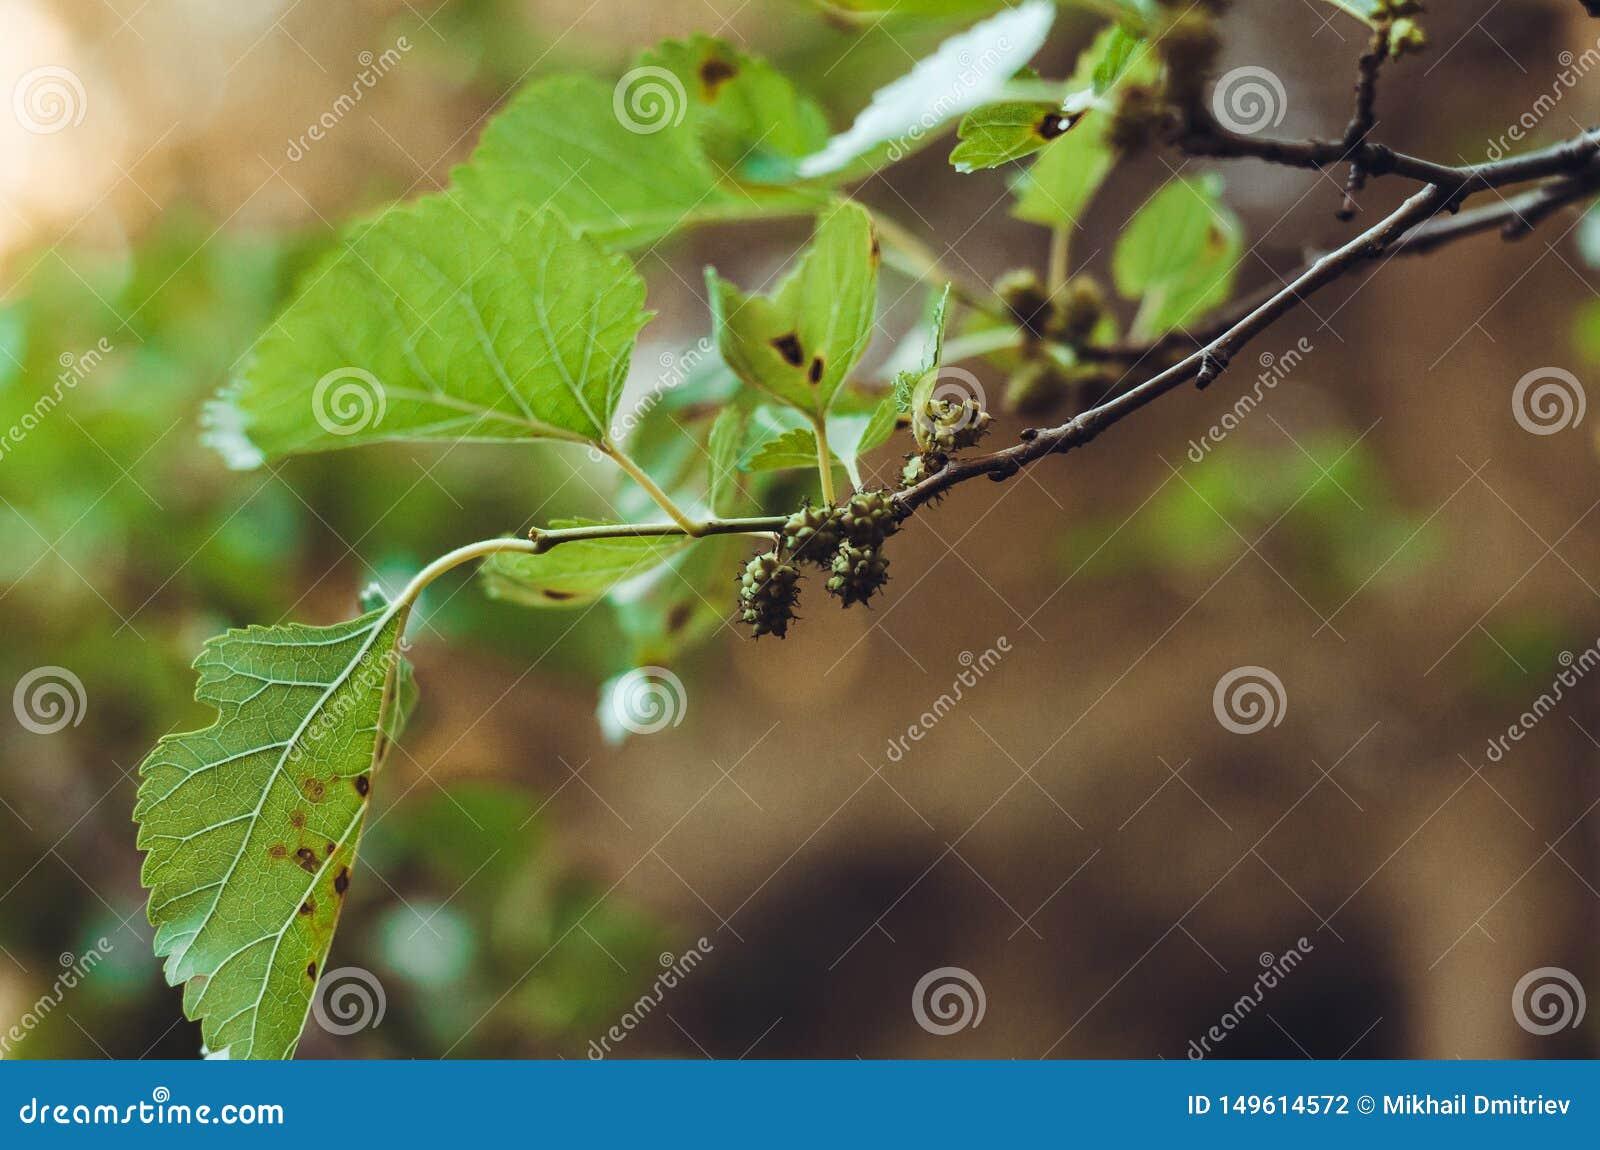 En filial av mullb?rstr?det eller Tutoviken med gr?na frukter